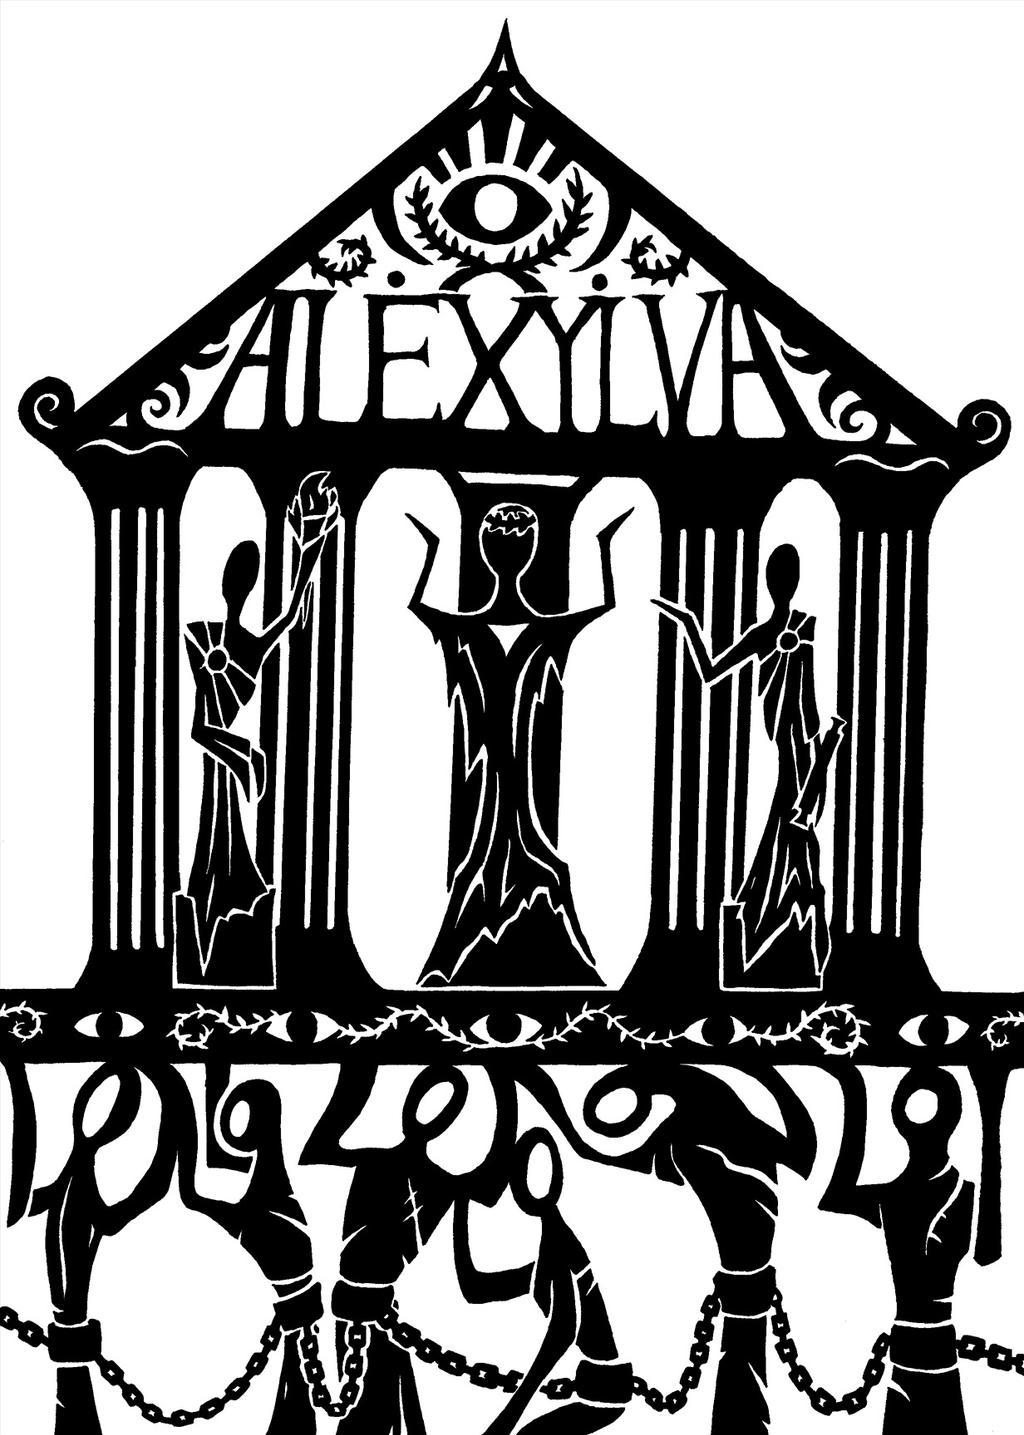 alexylva_university_by_sunnyparallax-d7ijtxb.jpg